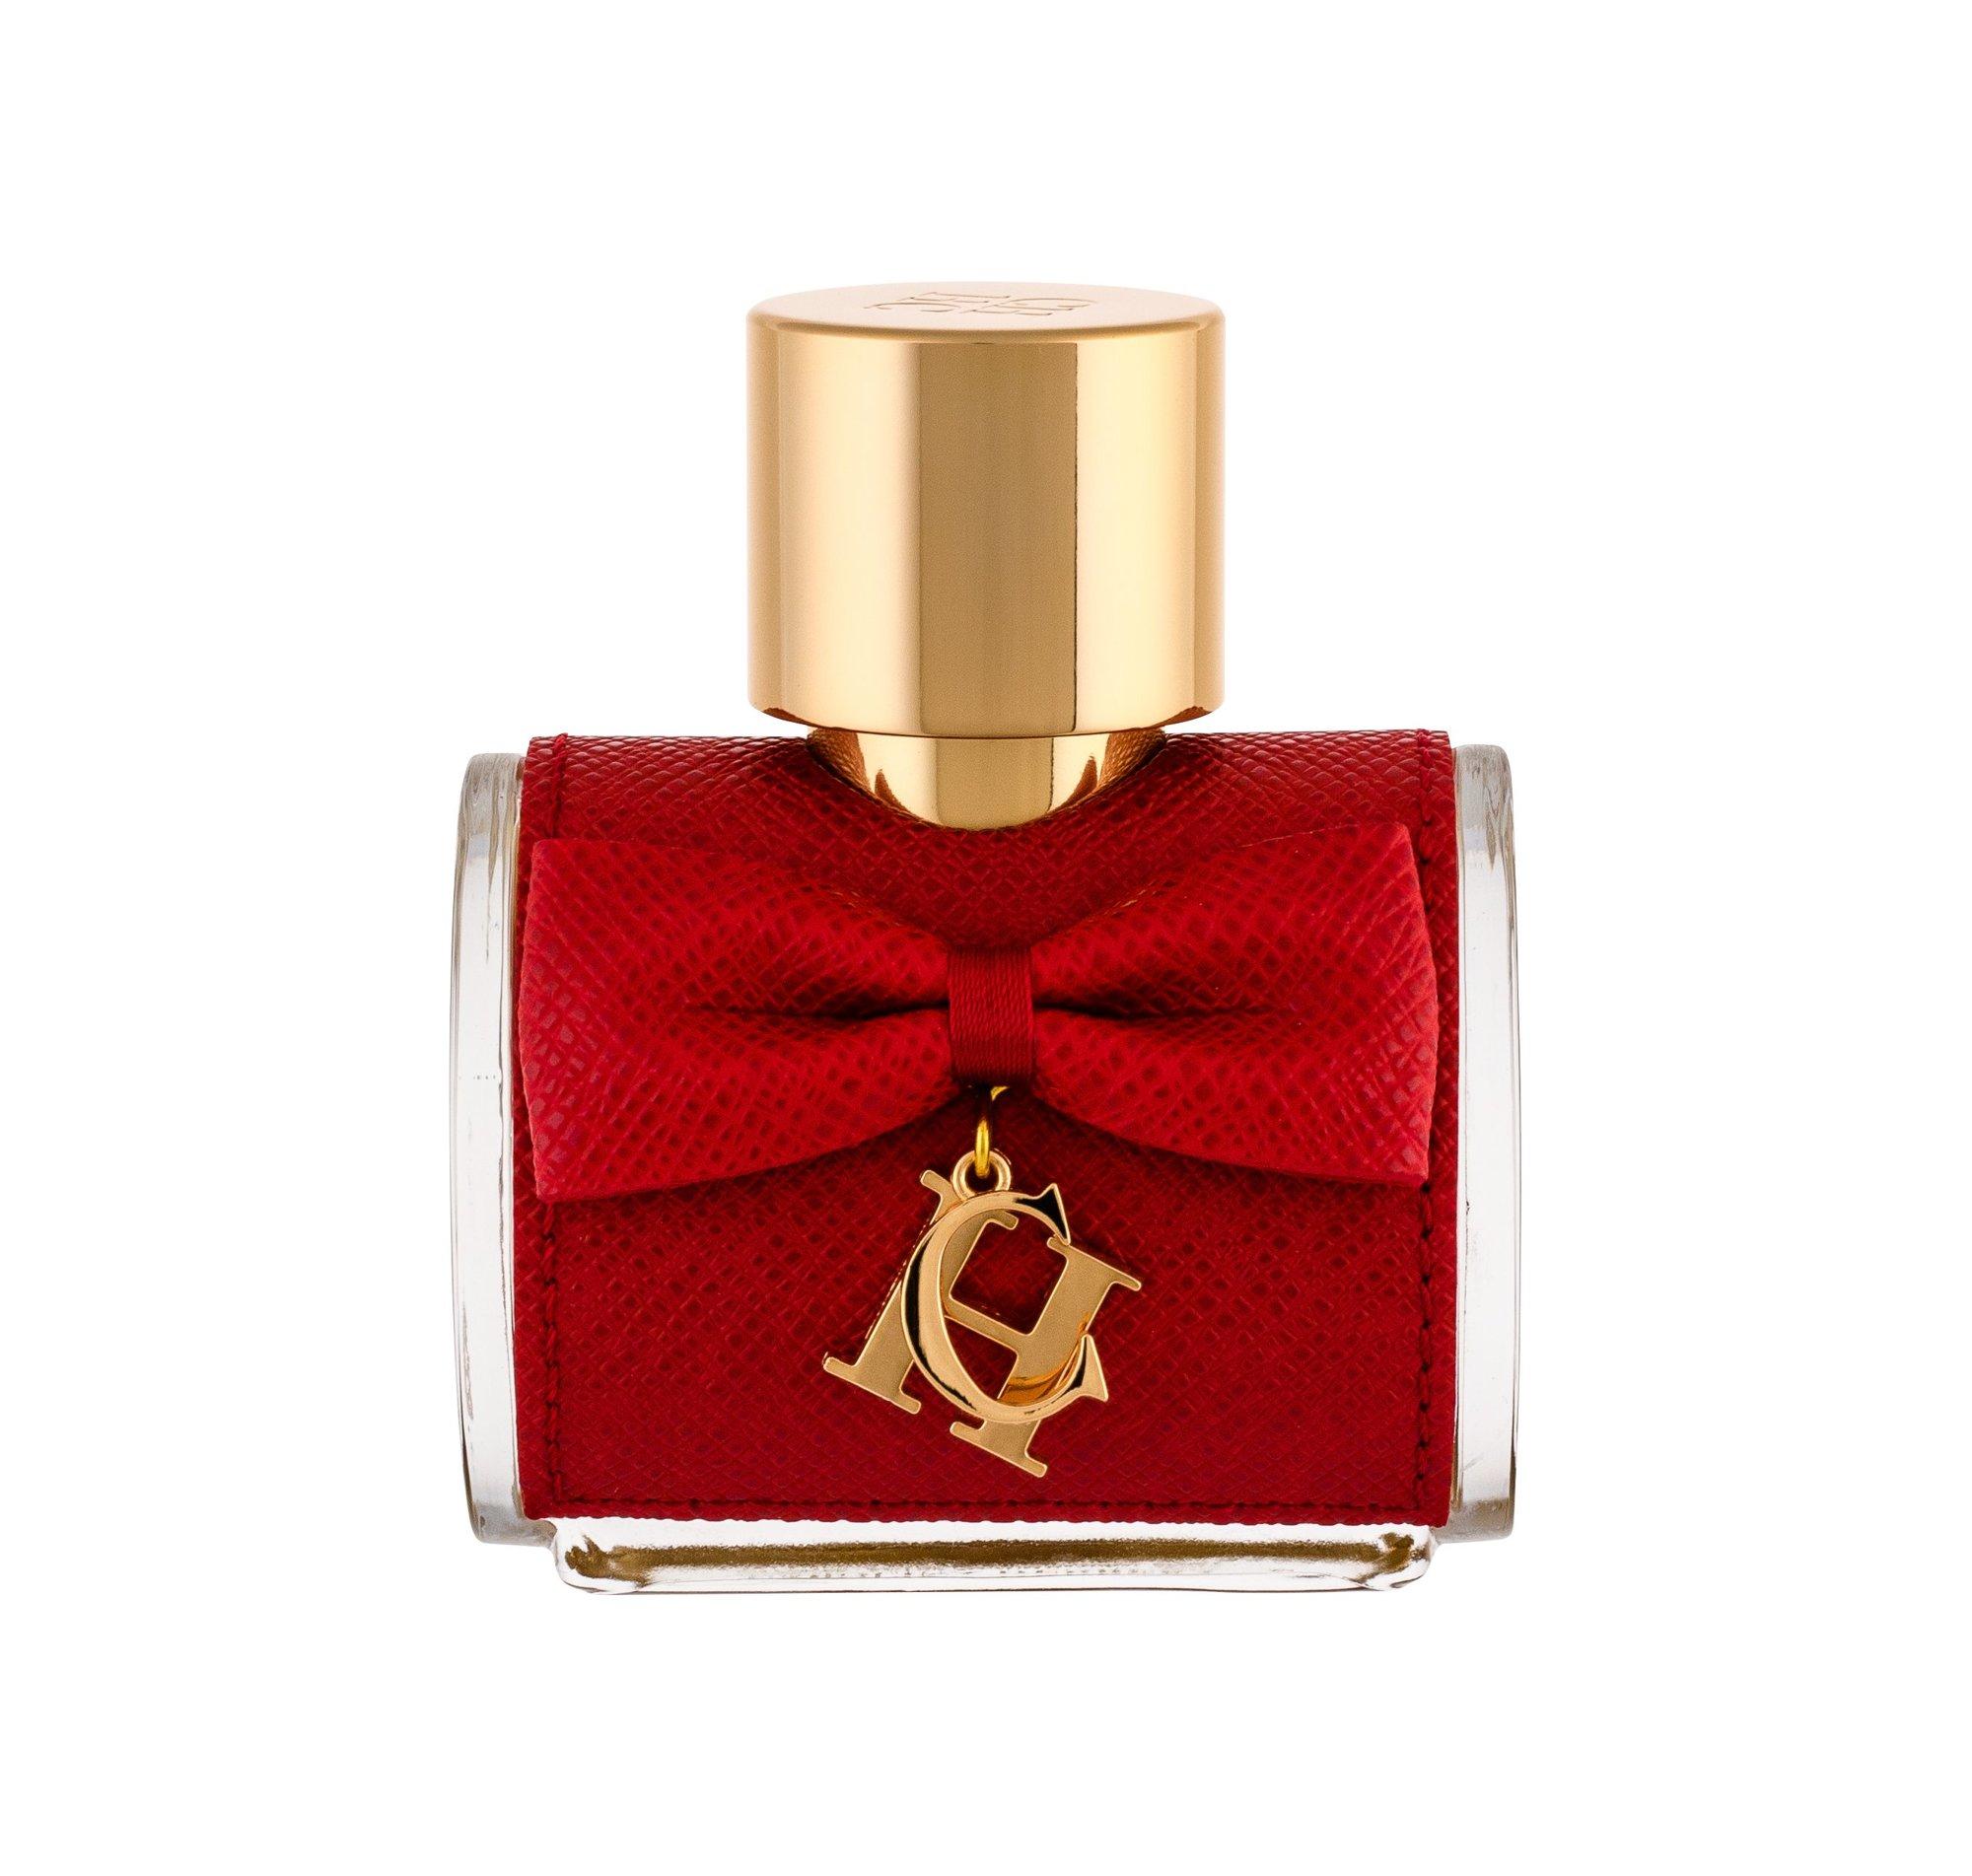 Carolina Herrera CH Privée Eau de Parfum 50ml